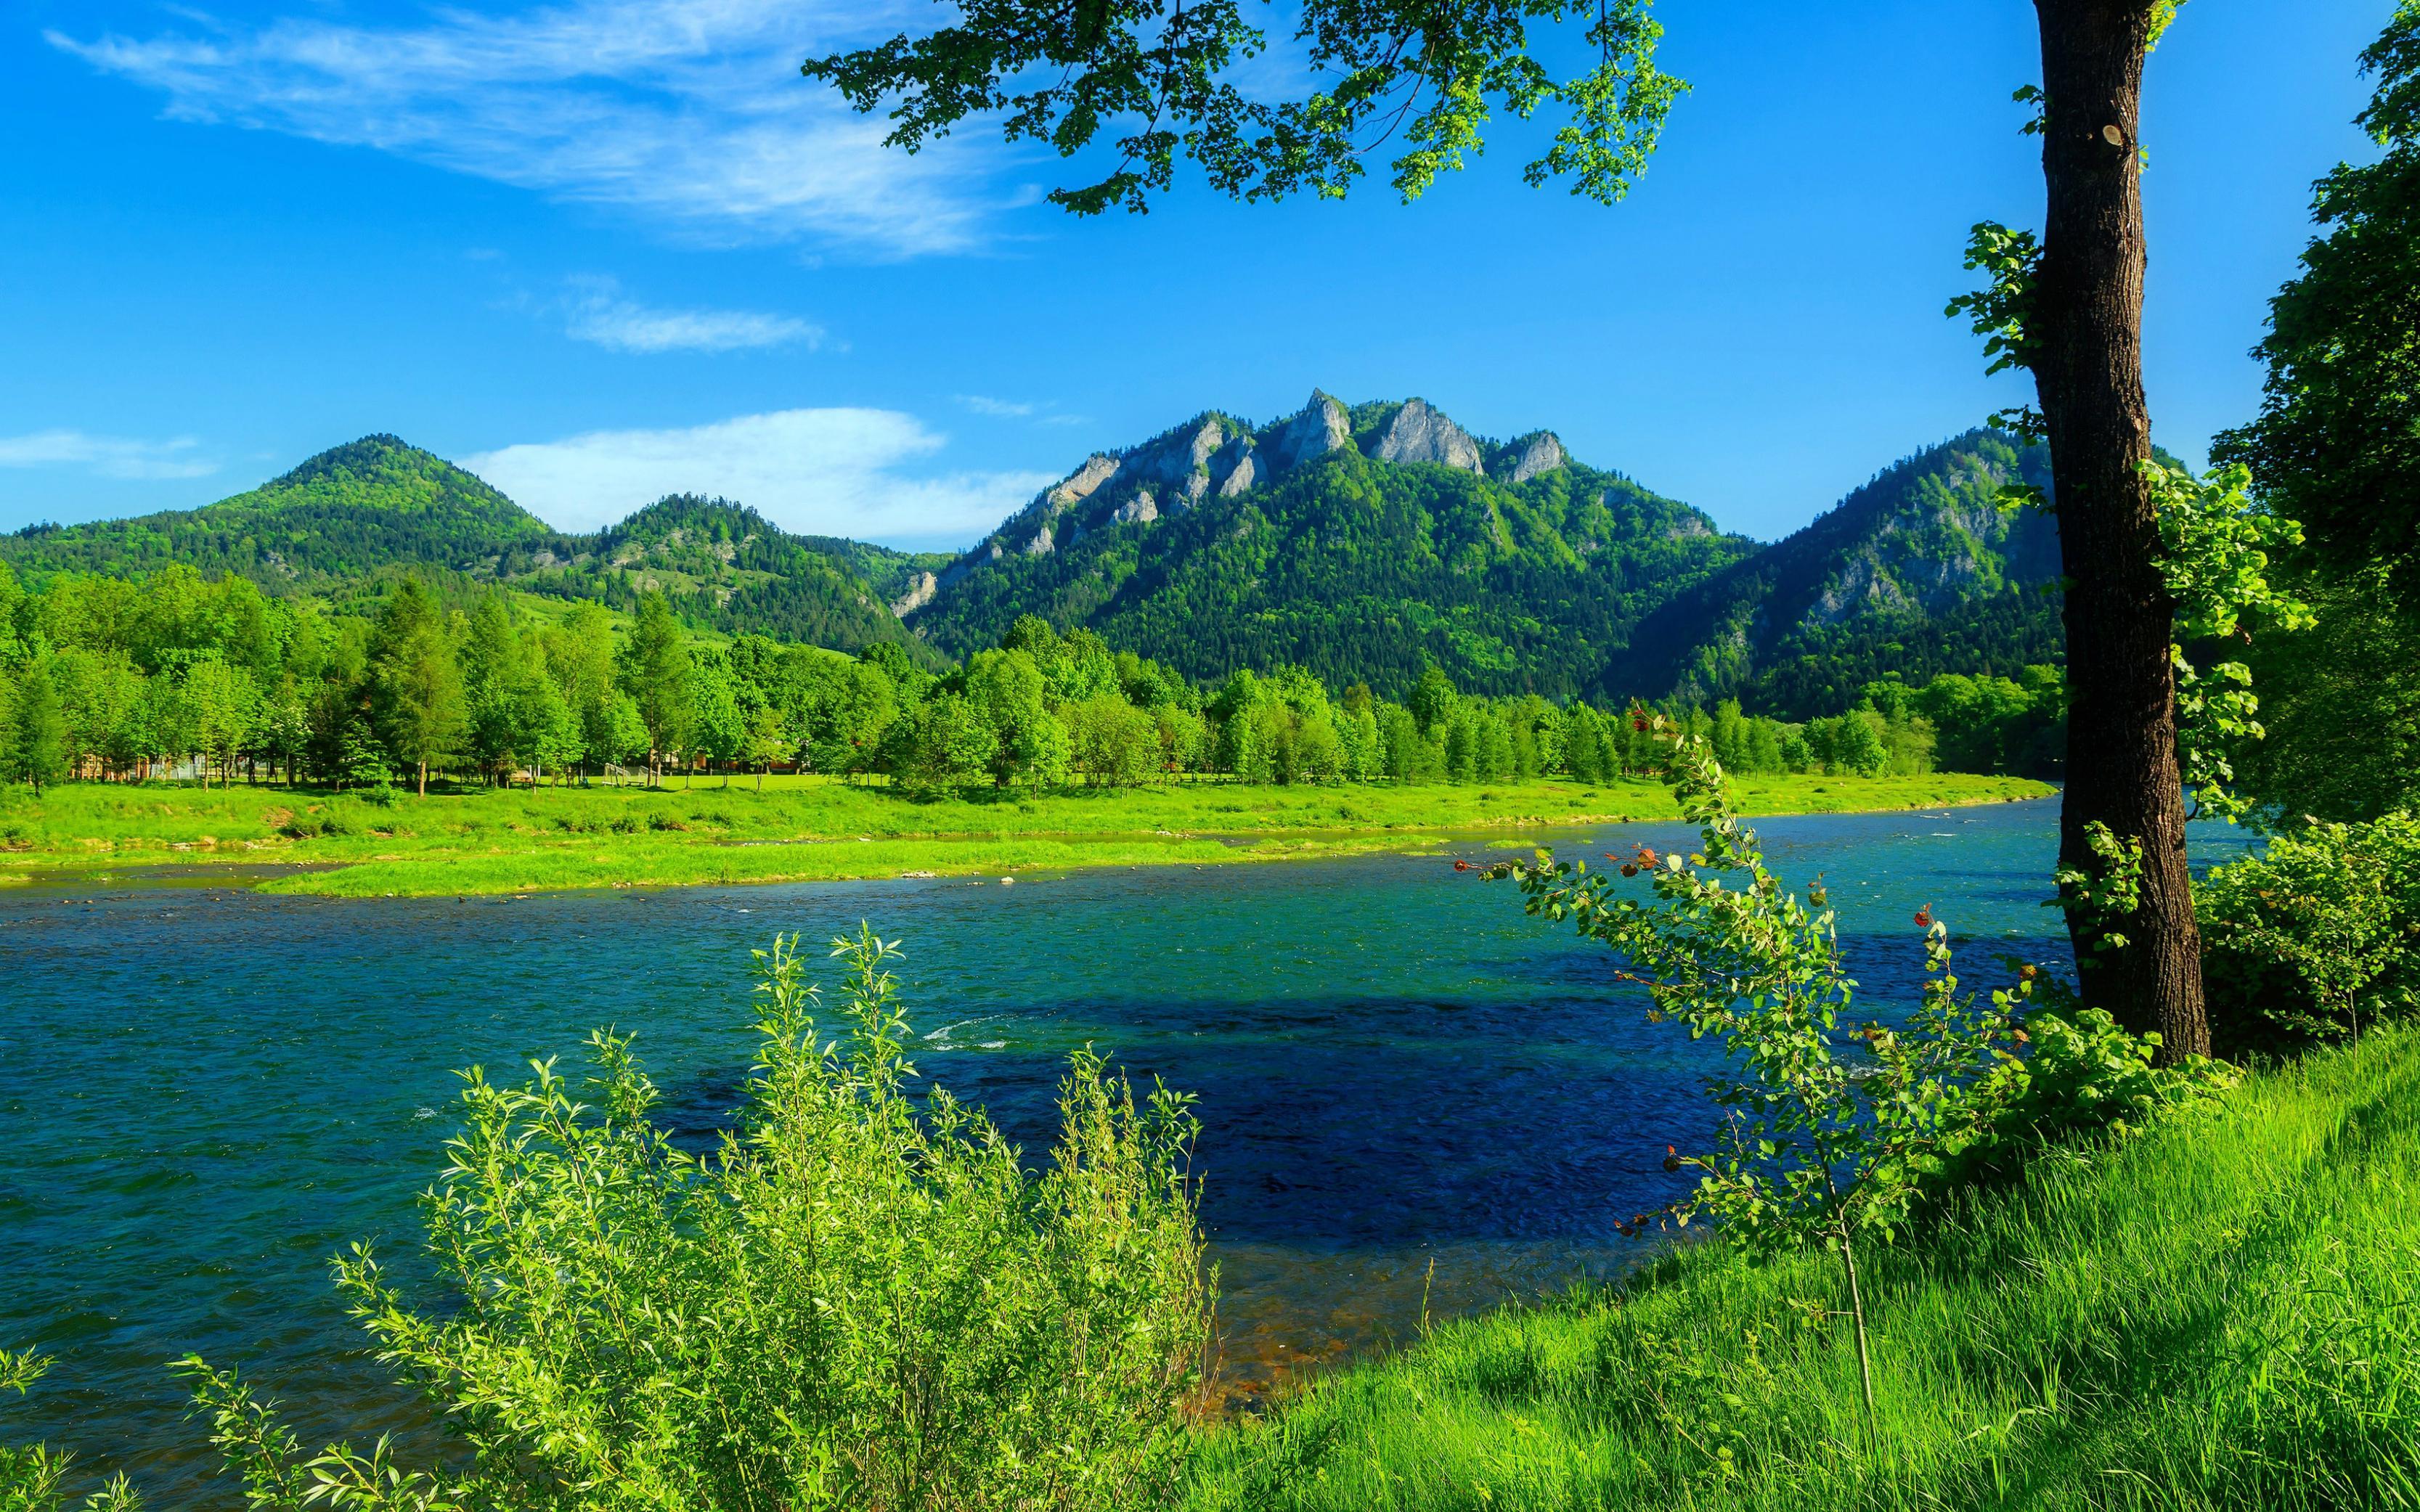 بالصور صور طبيعة خلابة , اروع صور من مناطق طبيعية رائعه 1499 6